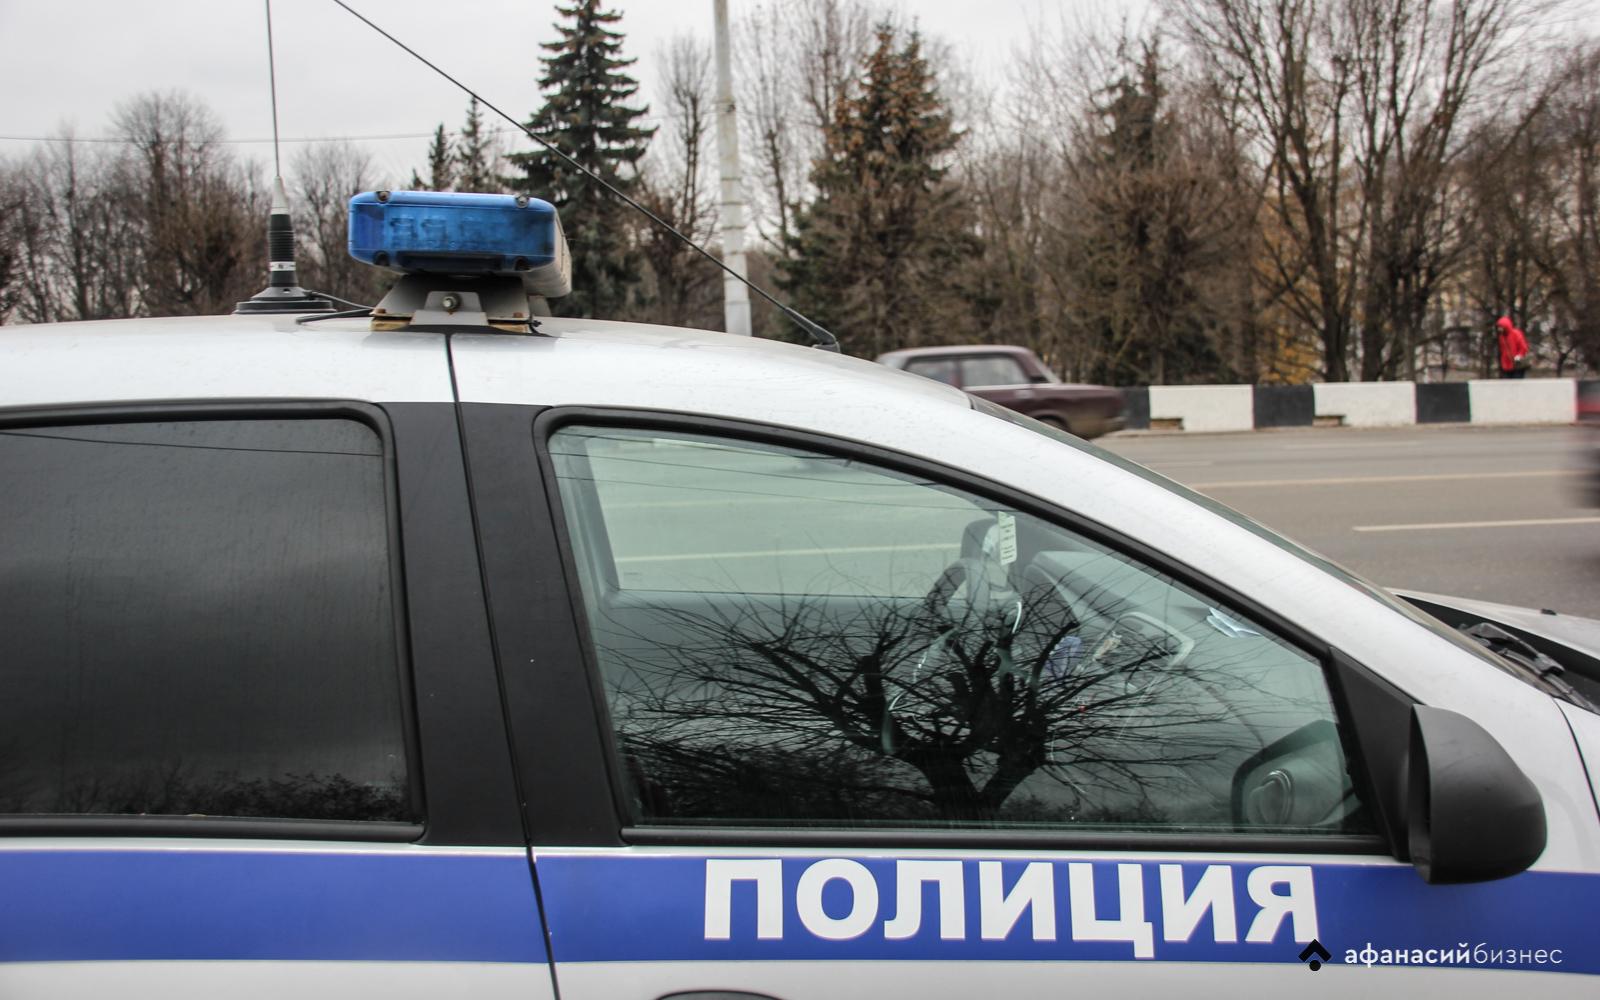 Двое закладчиков из Тверской области попались полицейским в Калуге - новости Афанасий